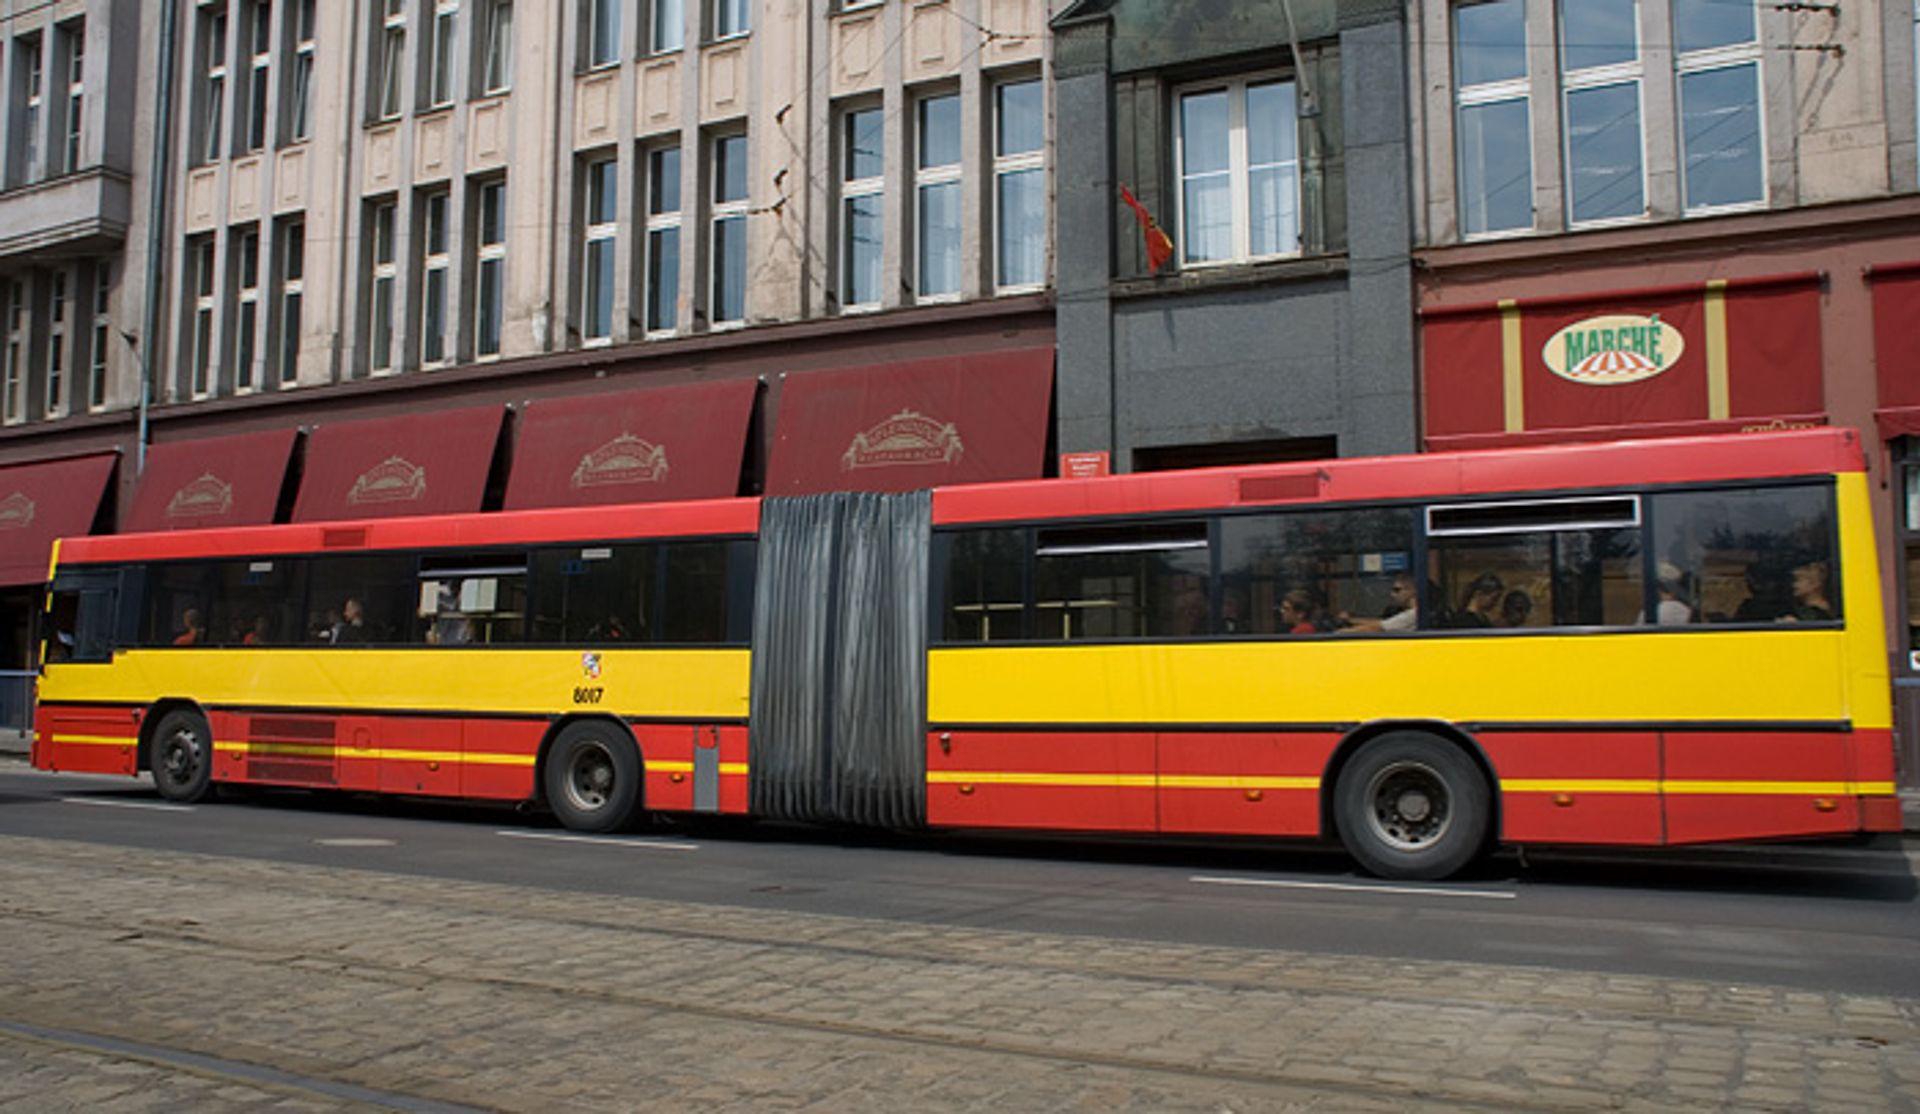 [Wrocław] Prawie 200 mln zł dla czterech miejskich spółek. Zobacz, na co poszły pieniądze